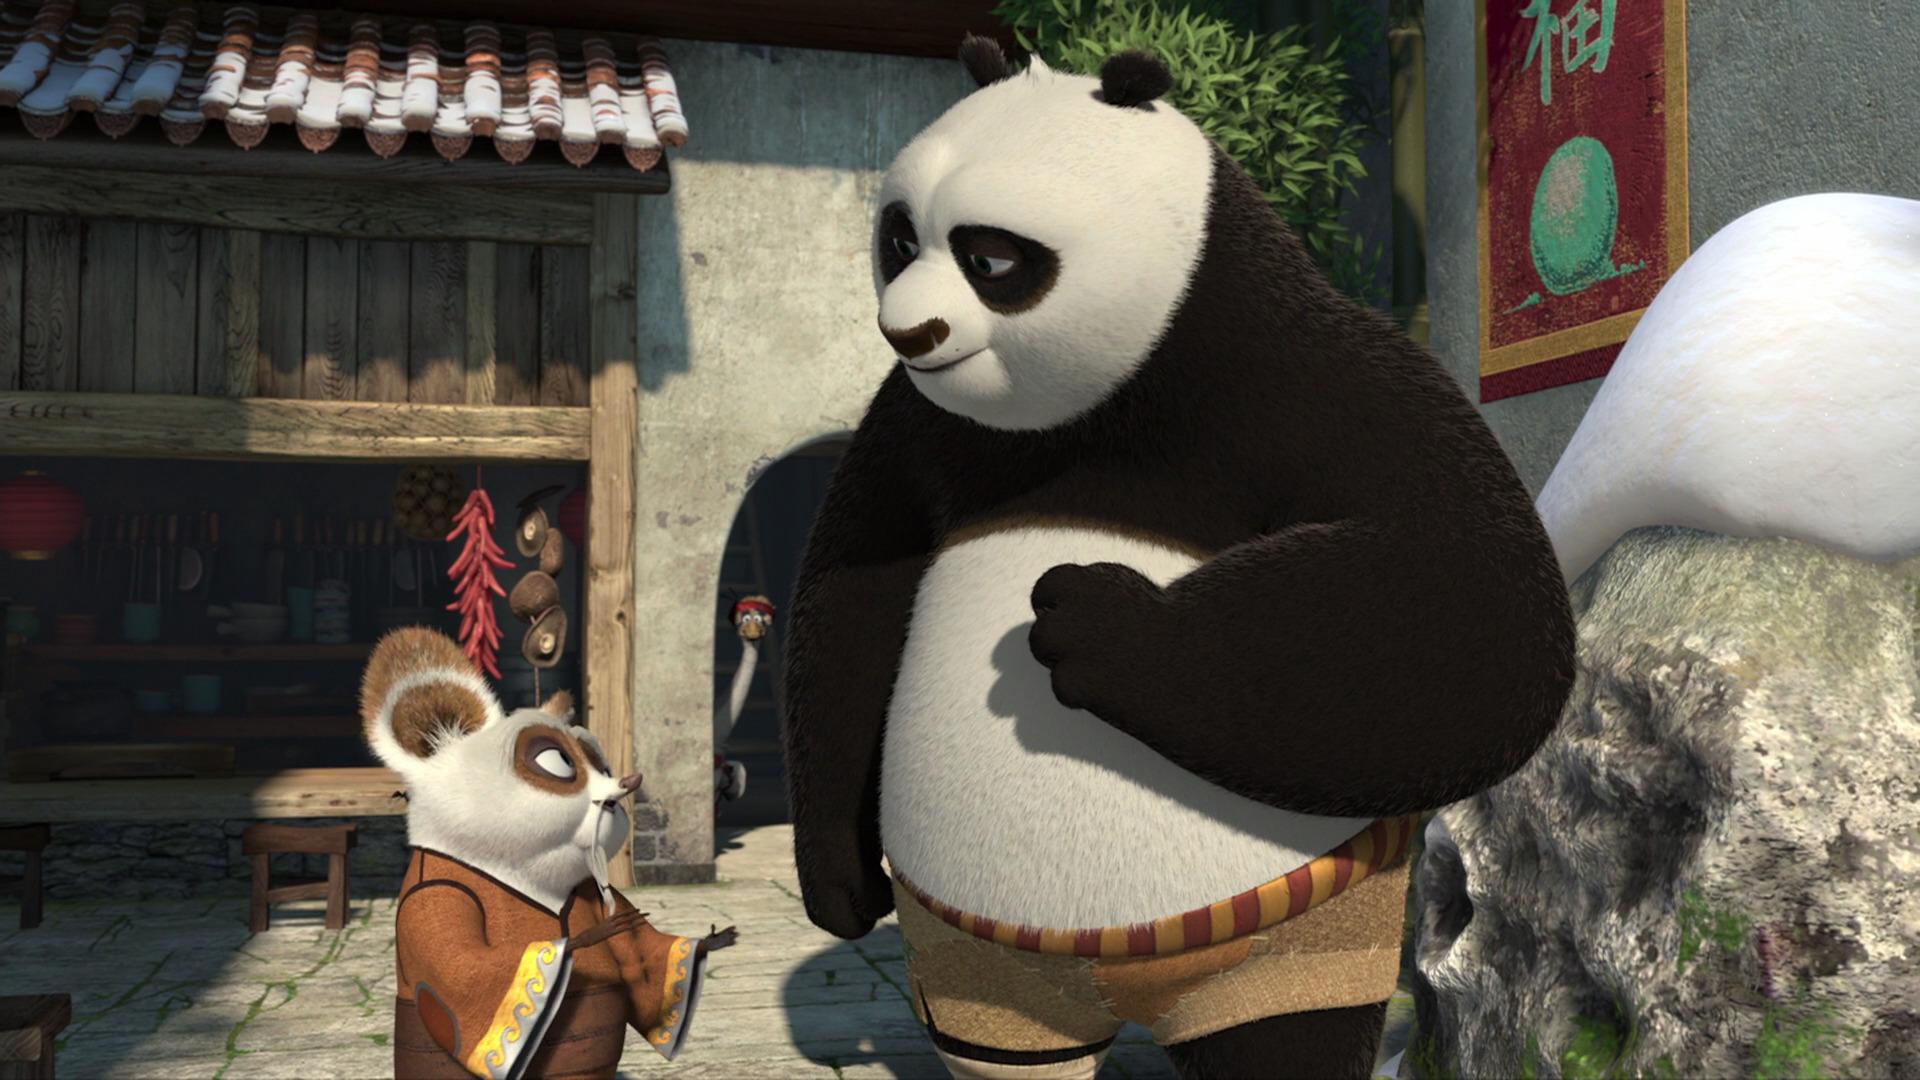 Vlcsnap2011040213h54m20 - Kung fu panda shifu ...